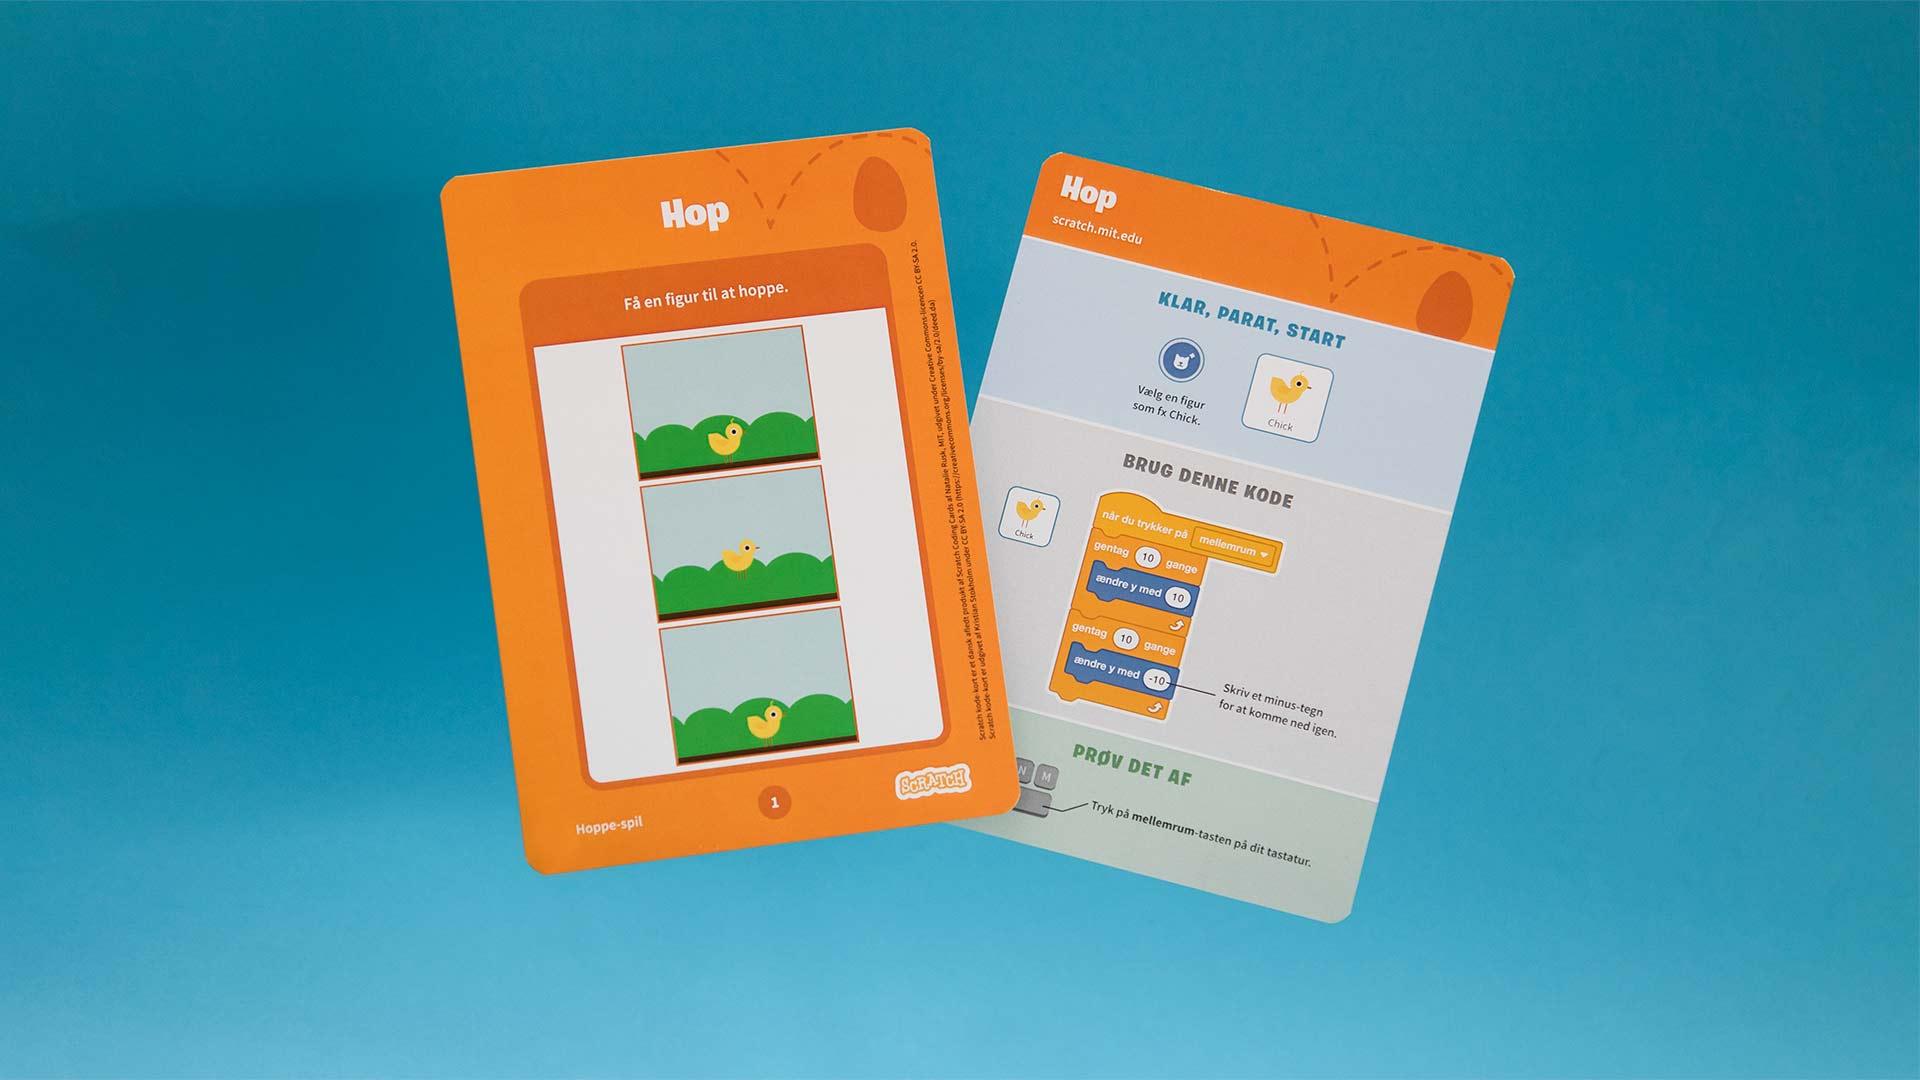 Scratch kode-kort forside og bagside.